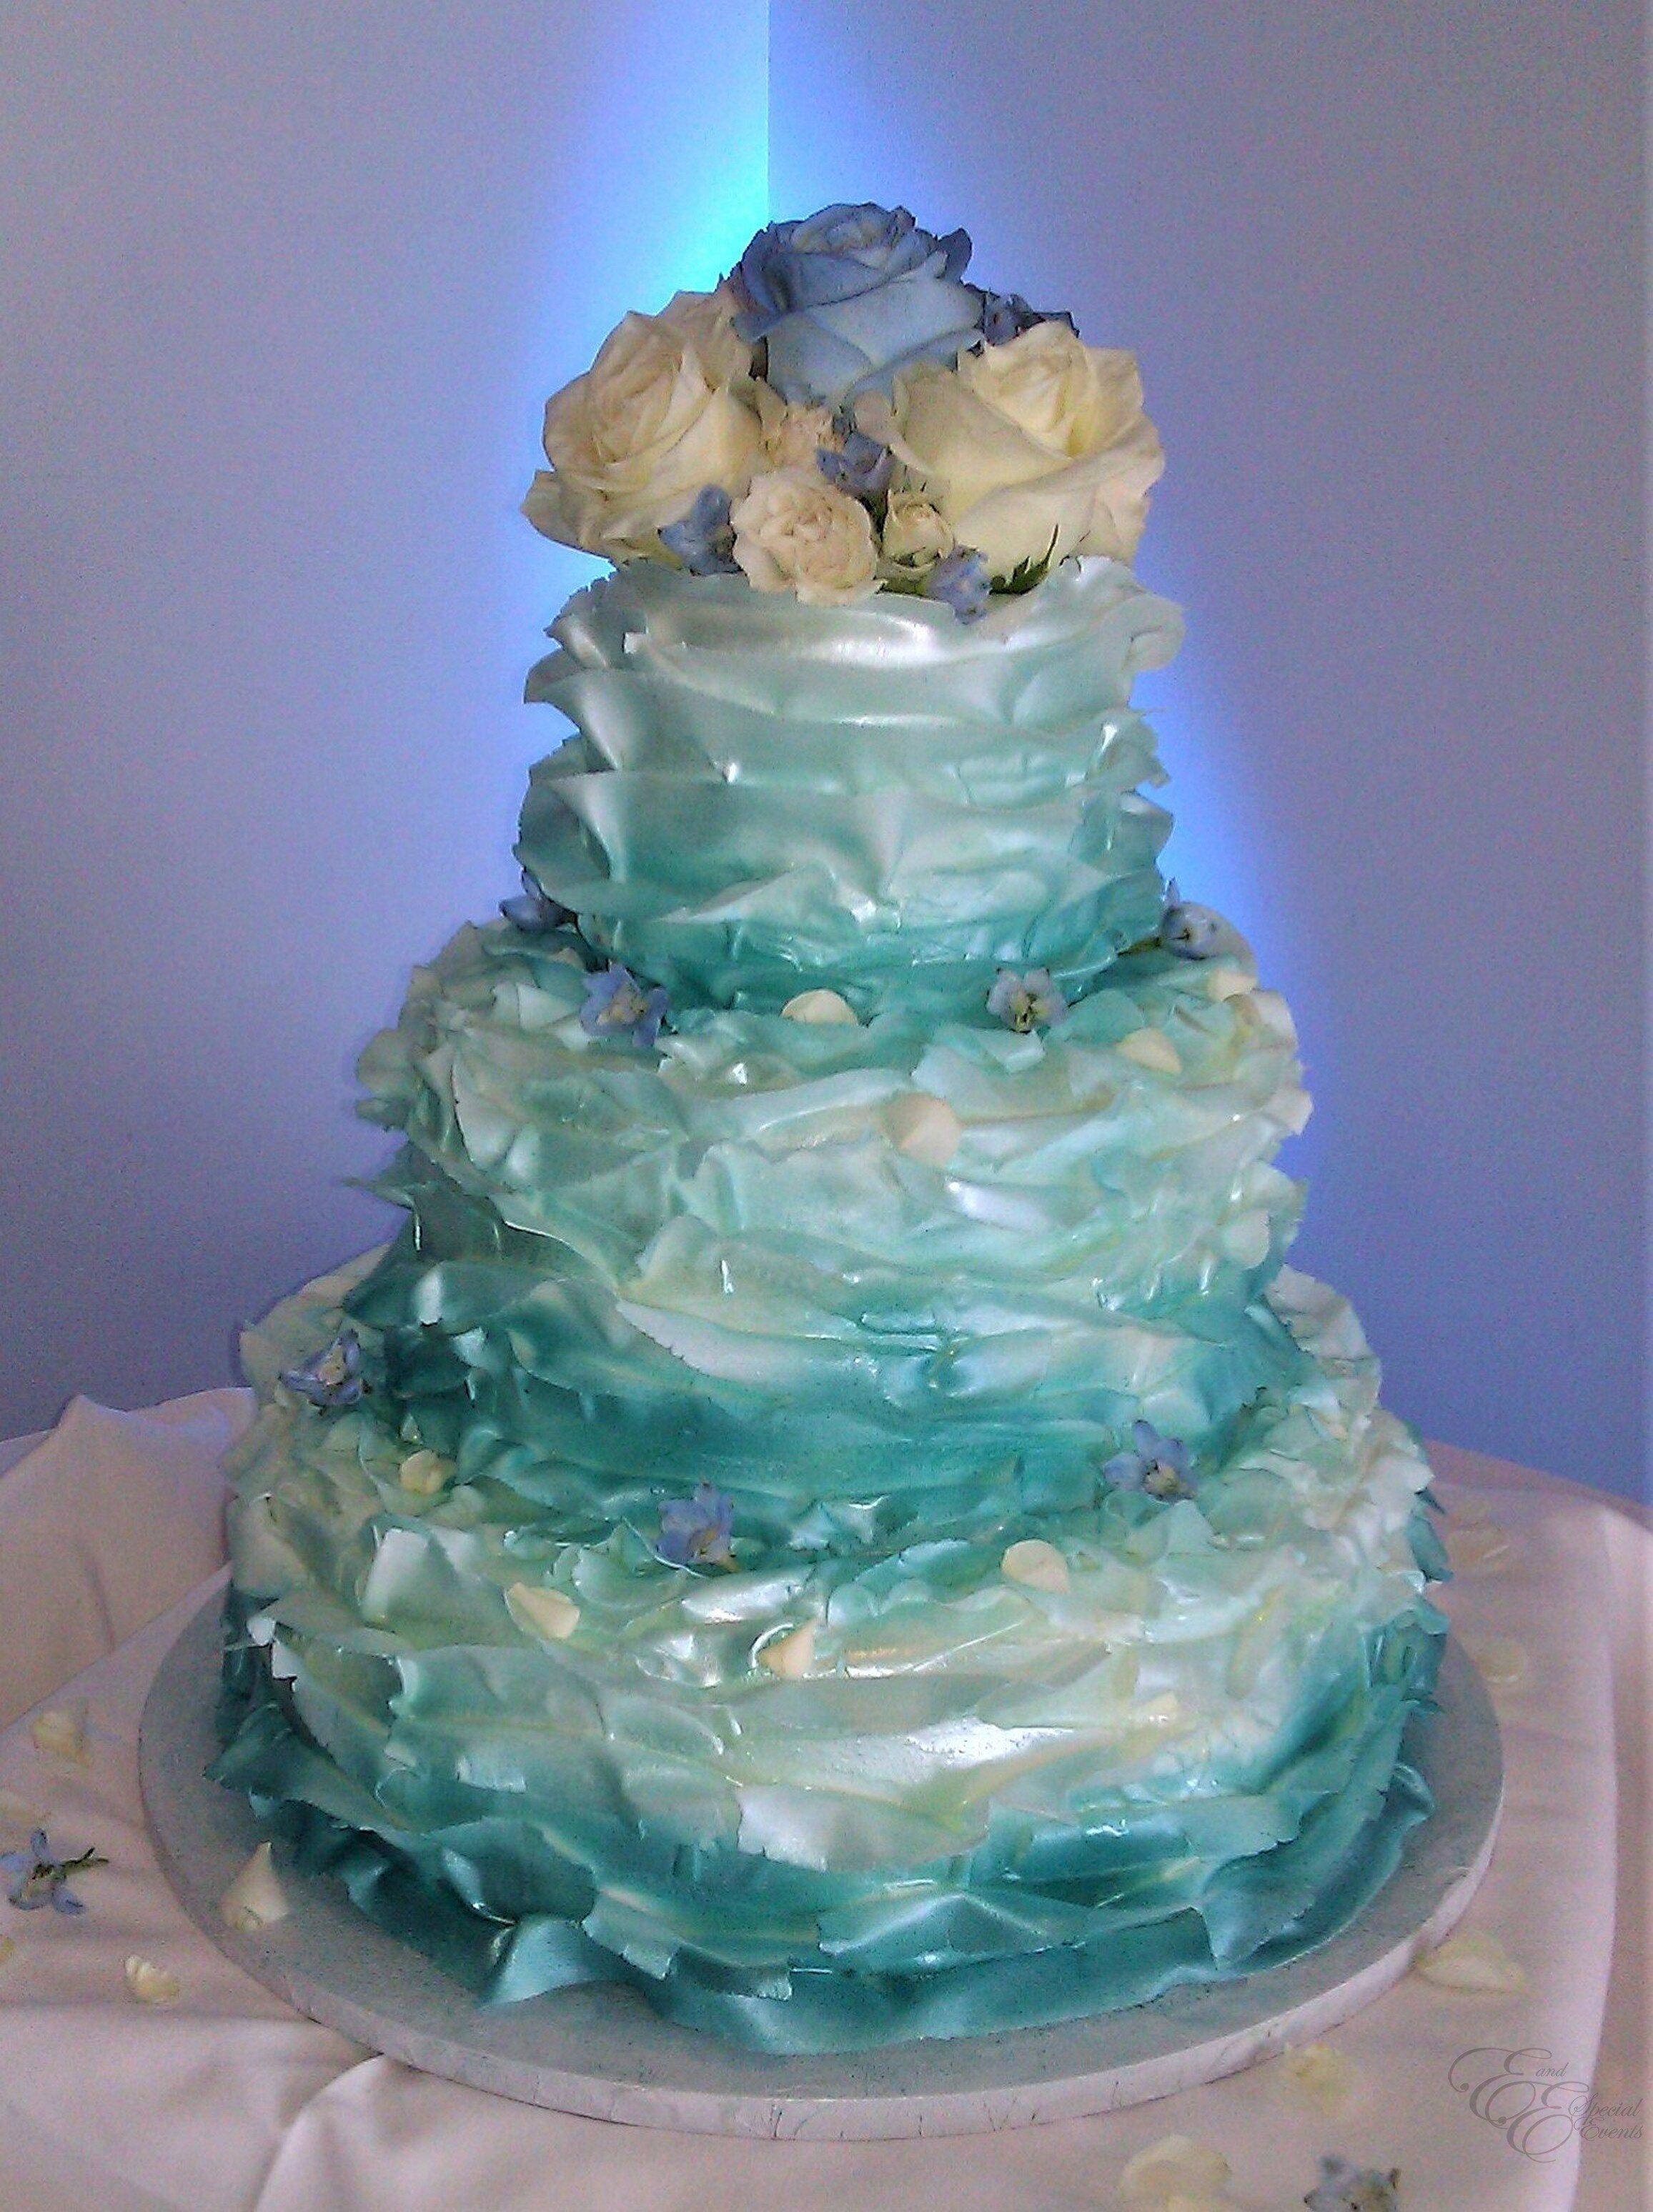 E_E_Special_Events_Wedding_Cakes_Virginia_Beach_Hampton_Roads4.jpg